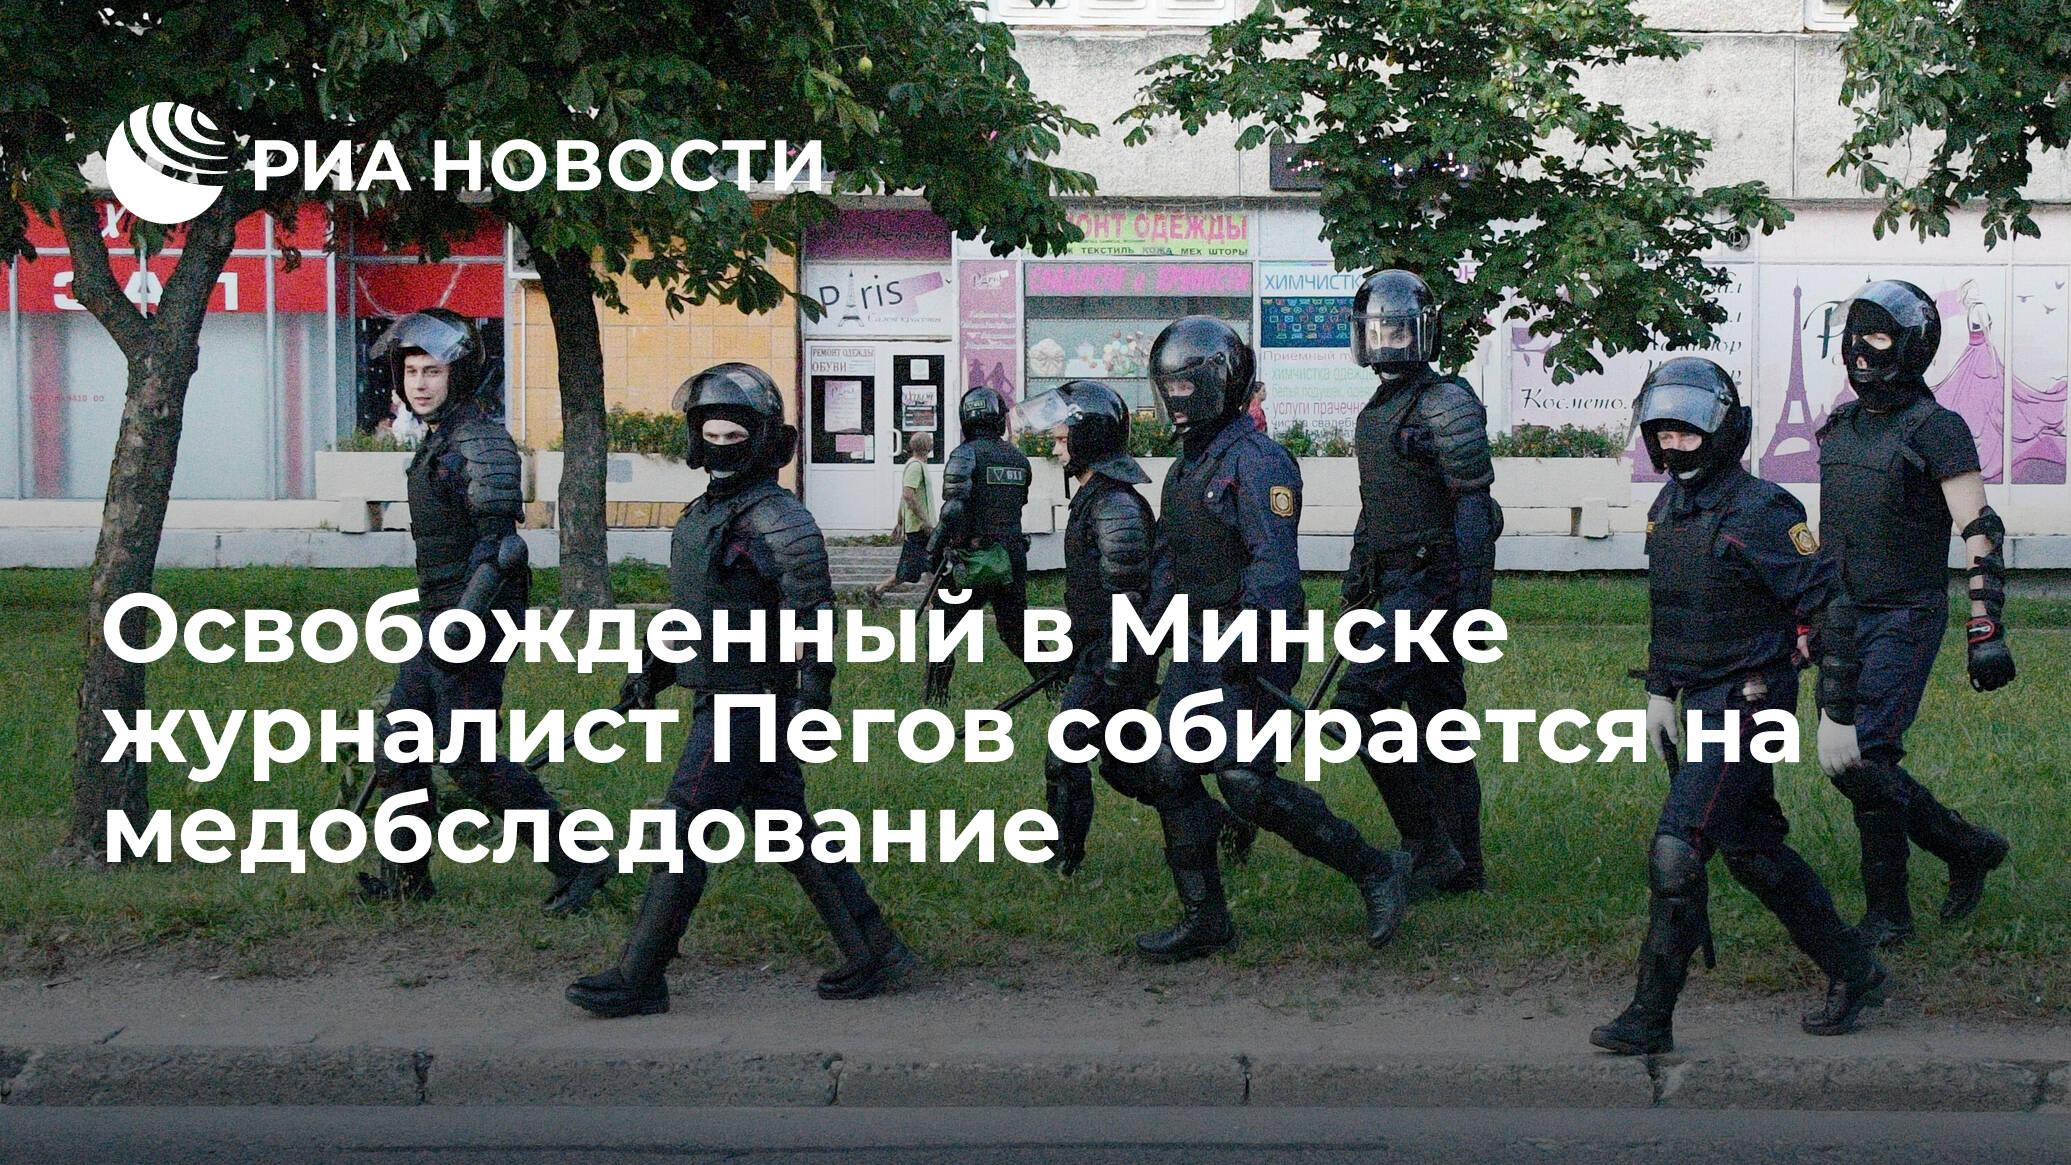 Освобожденный в Минске журналист Пегов собирается на медобследование